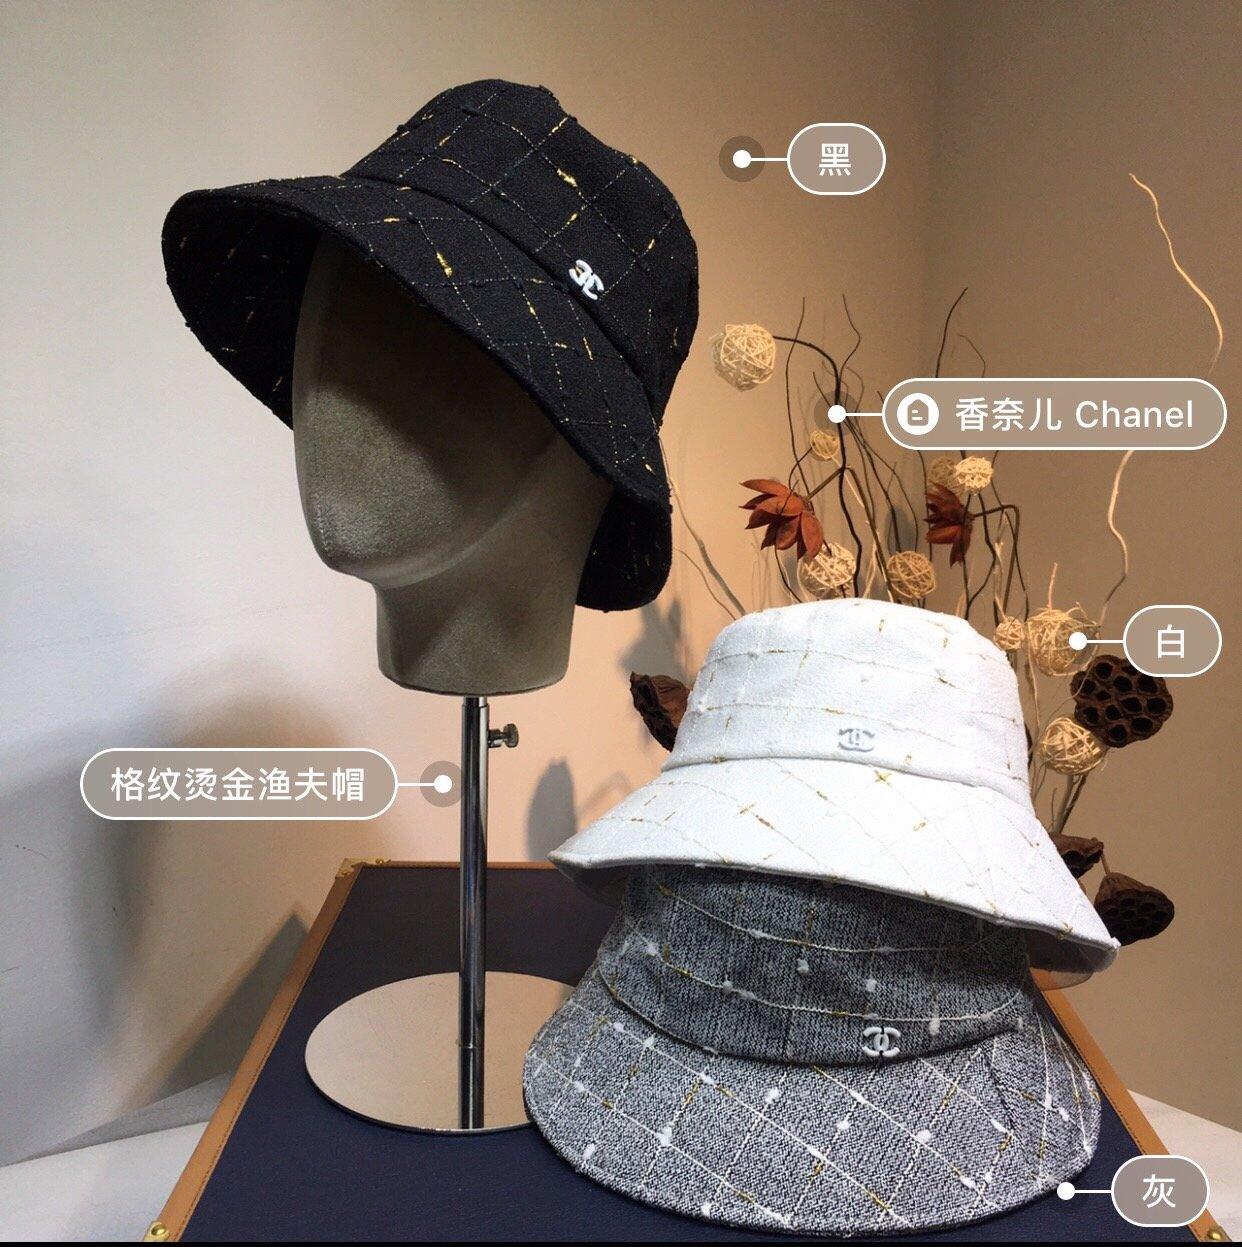 香奈儿Chanel烫金格纹渔夫帽精致